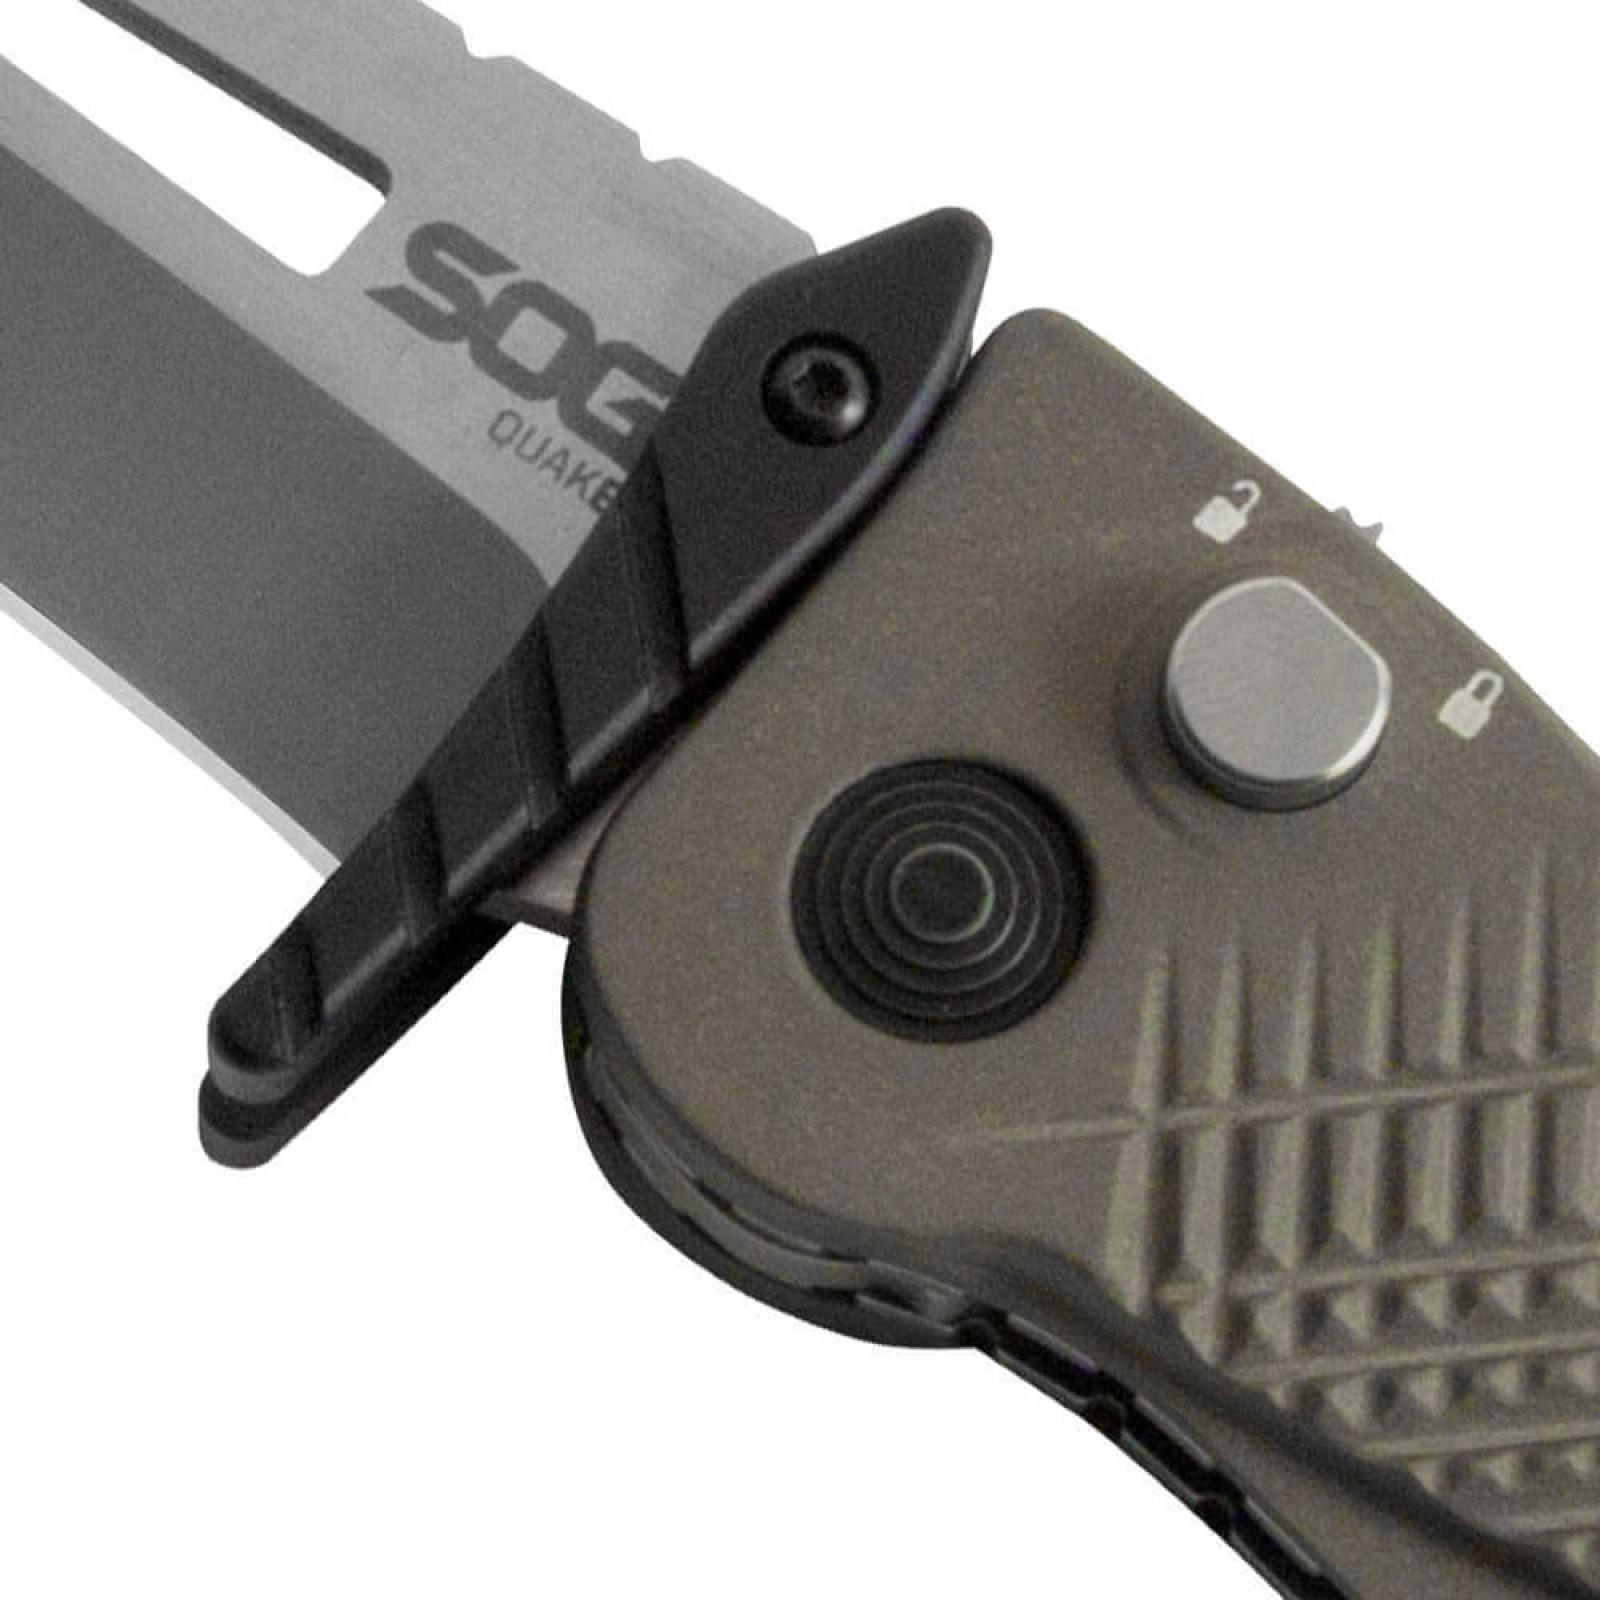 Фото 6 - Складной нож Quake - SOG IM1001, сталь VG-10, рукоять алюминий, зелёный